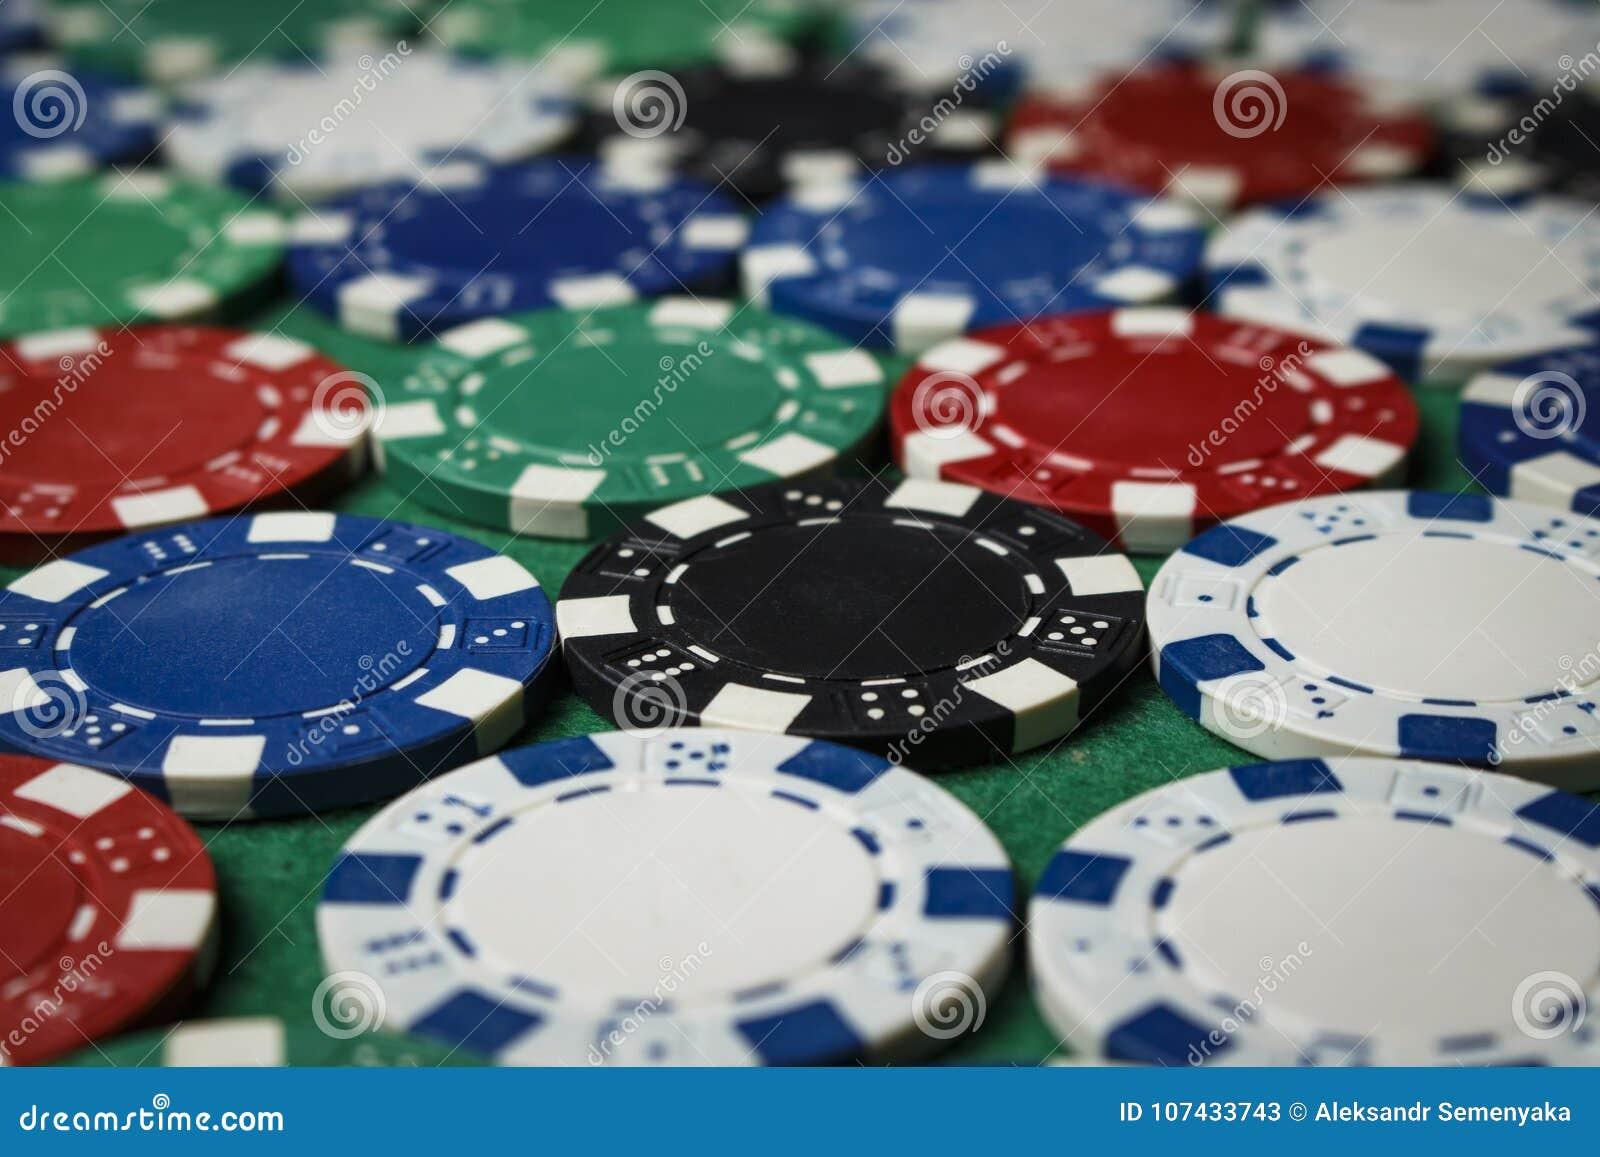 Muchas fichas de póker en la tabla